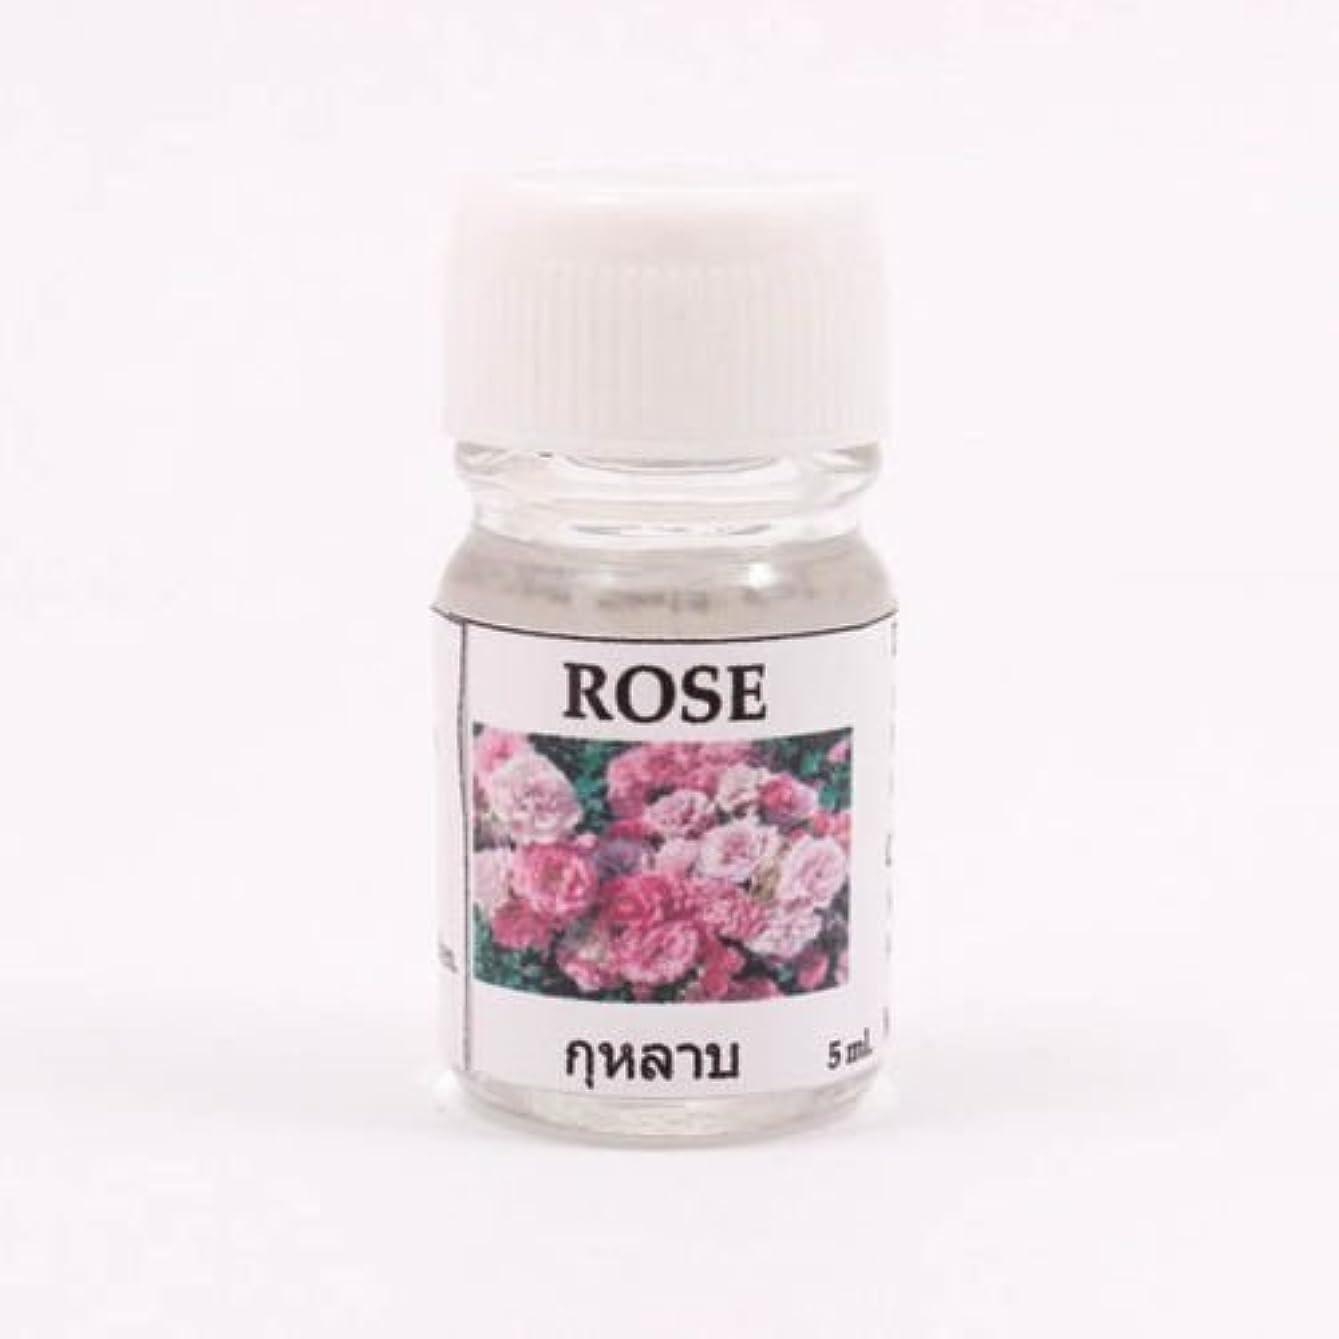 扱うお手伝いさん北米6X Rose Aroma Fragrance Essential Oil 5ML. (cc) Diffuser Burner Therapy